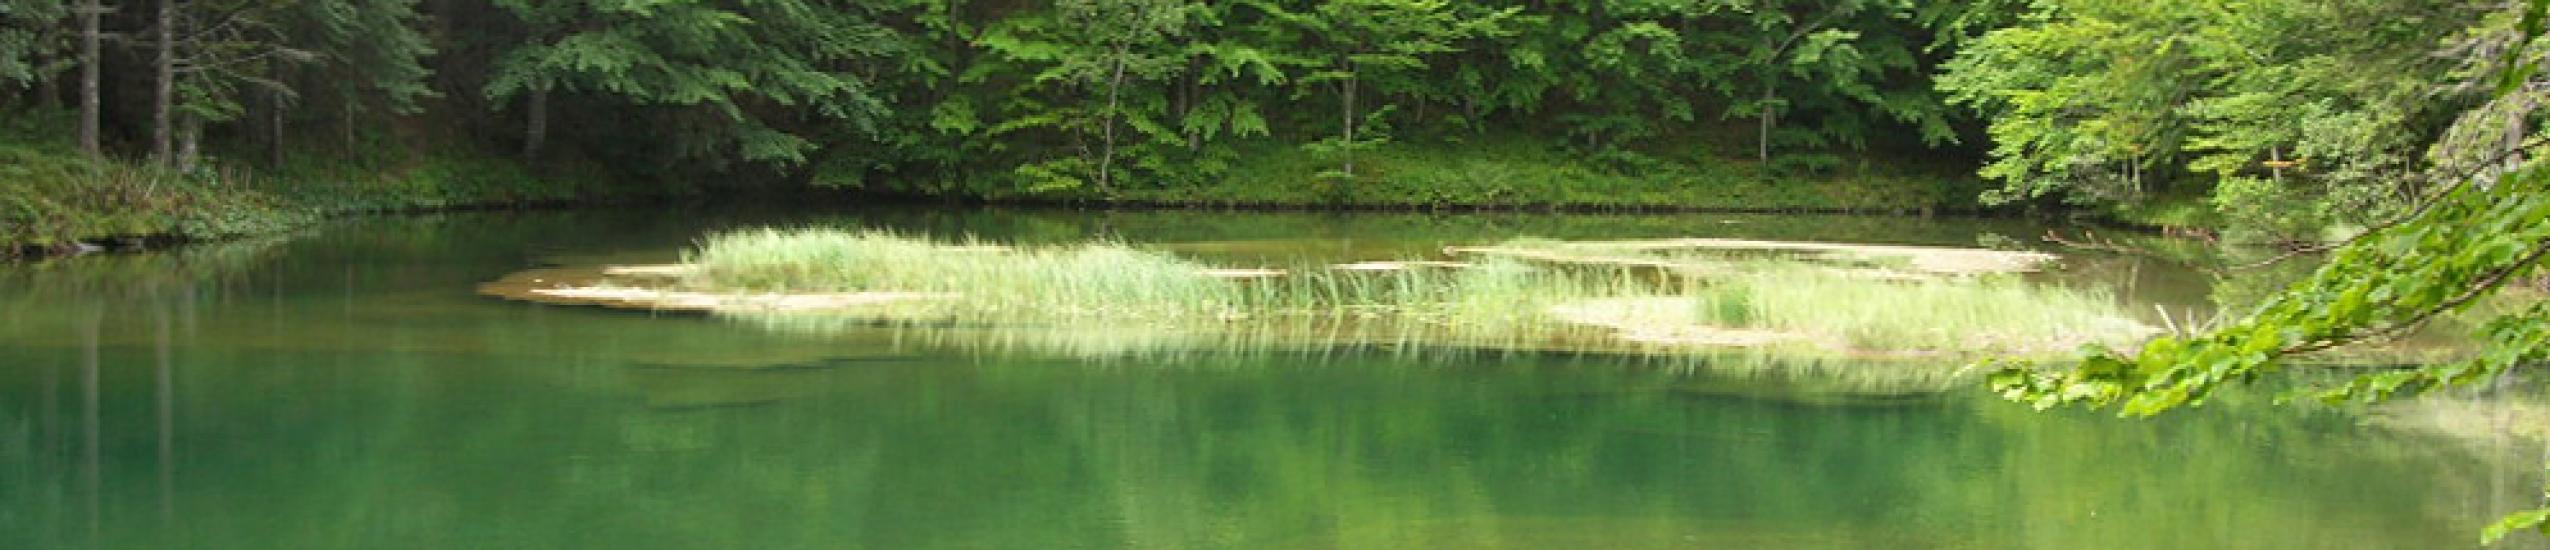 riserva naturale delle agoraie